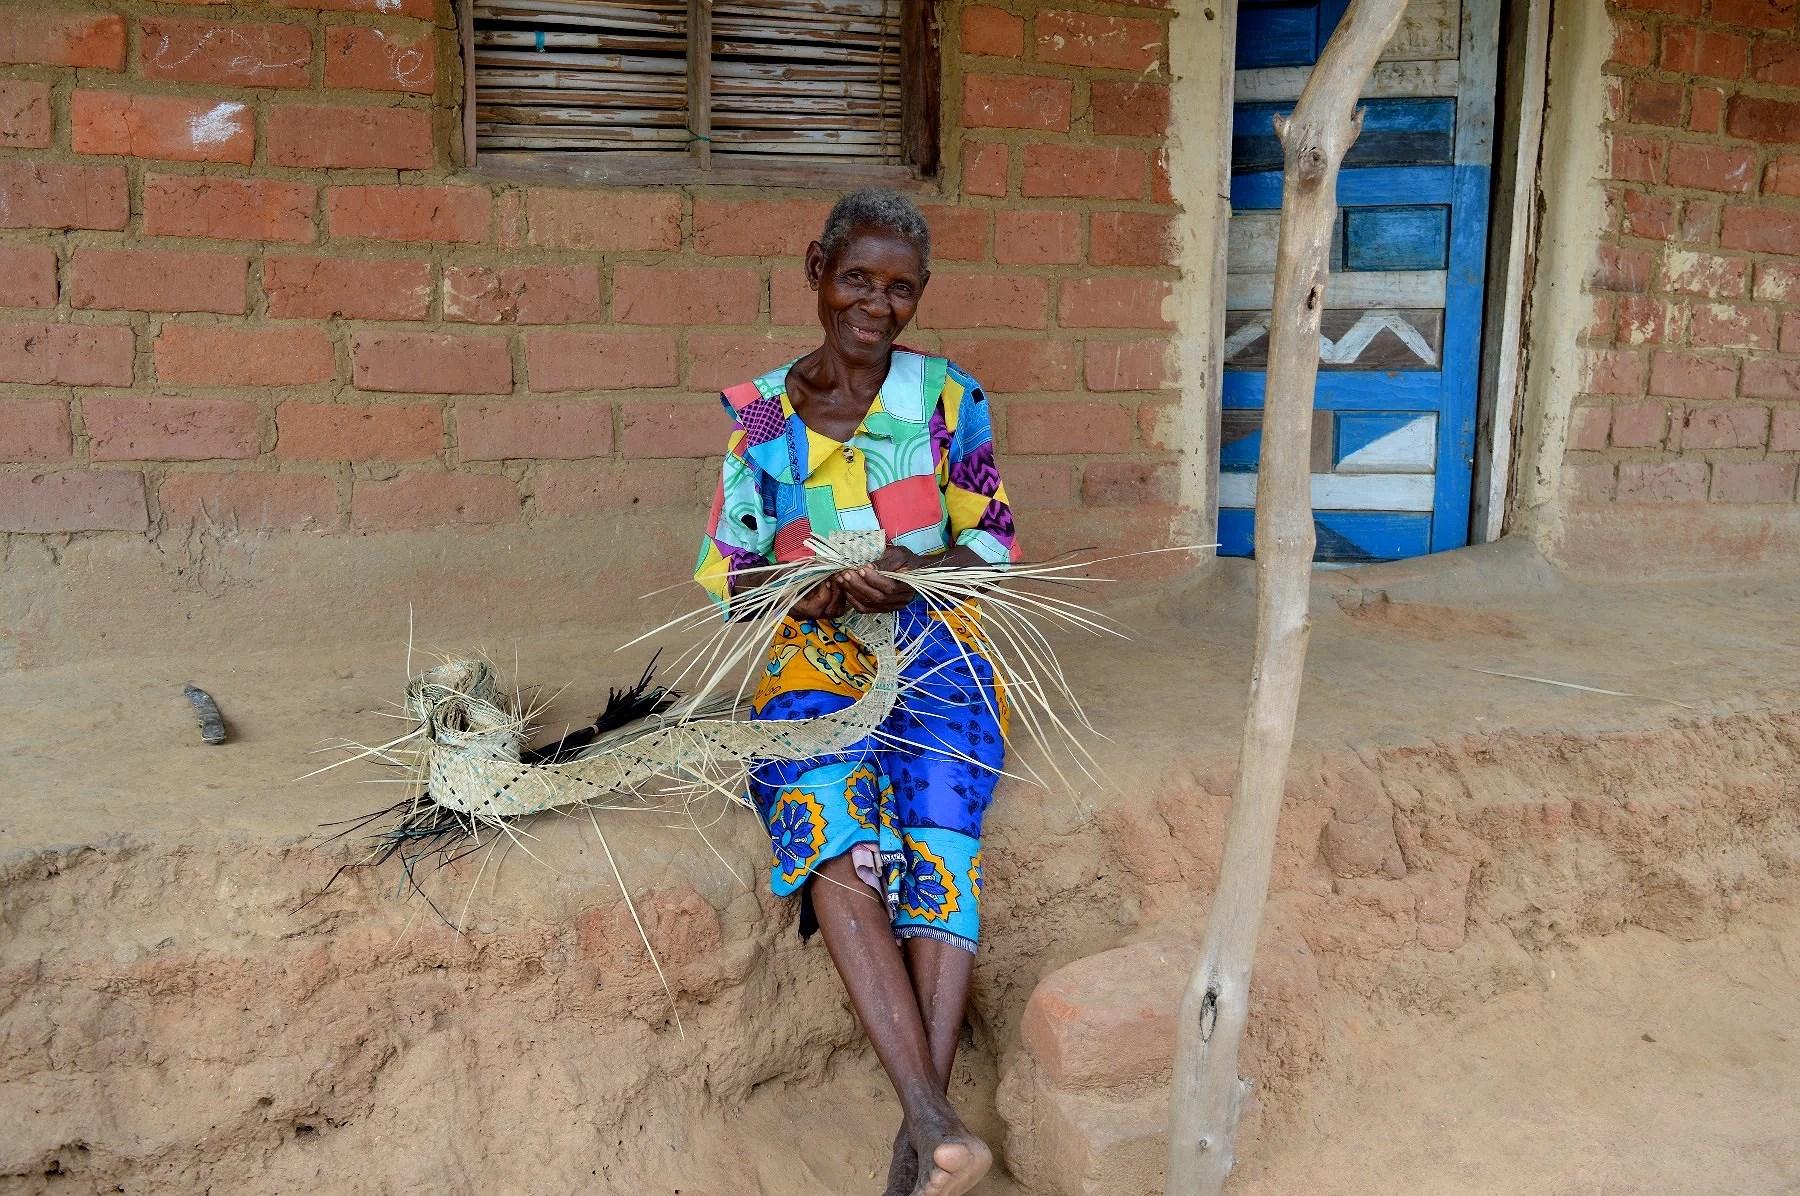 Bildresultat för fina bilder Afrika